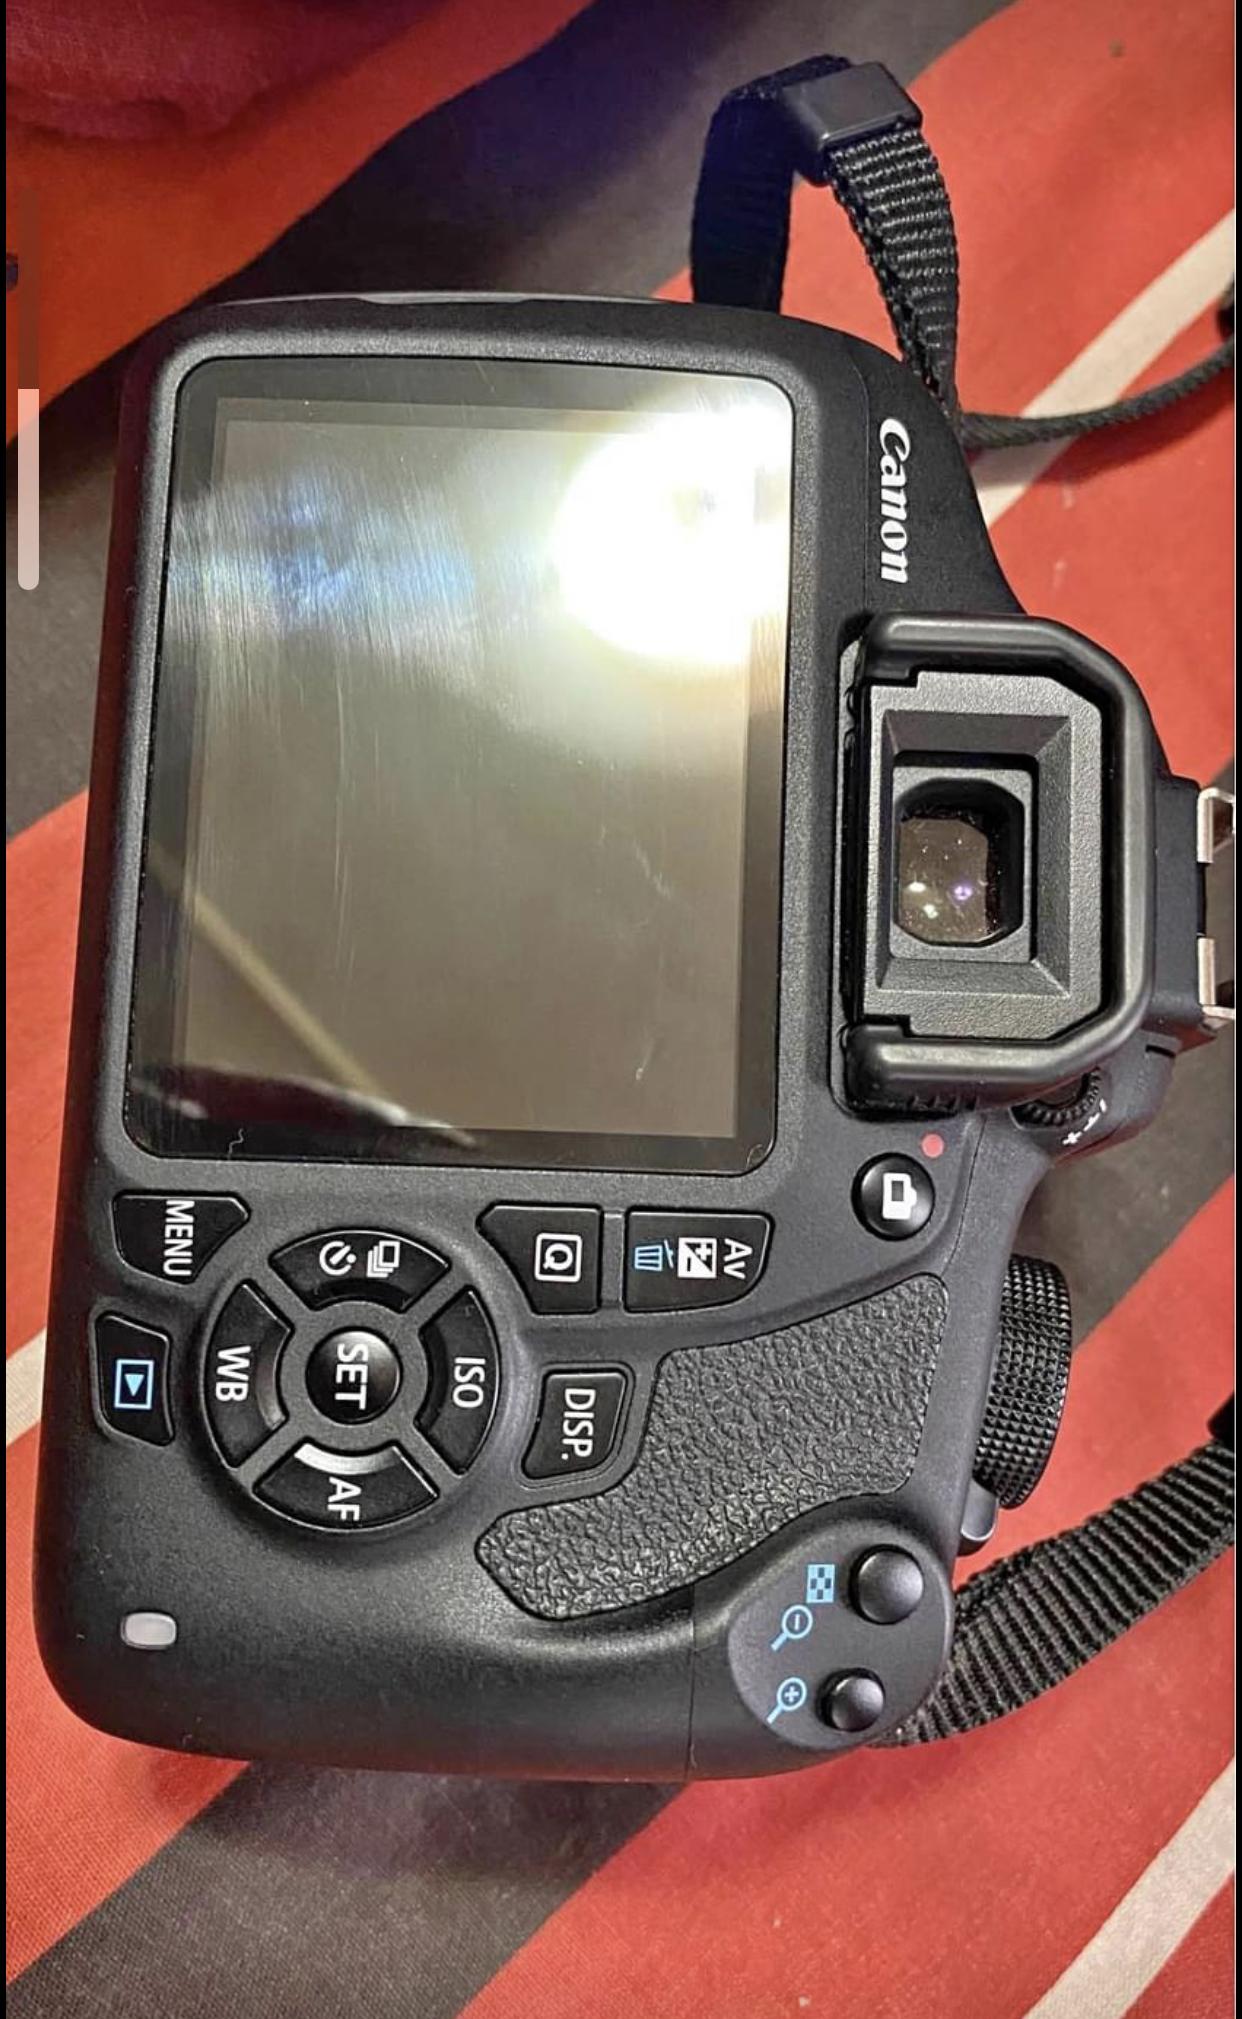 EOS 1200D Canon Camera